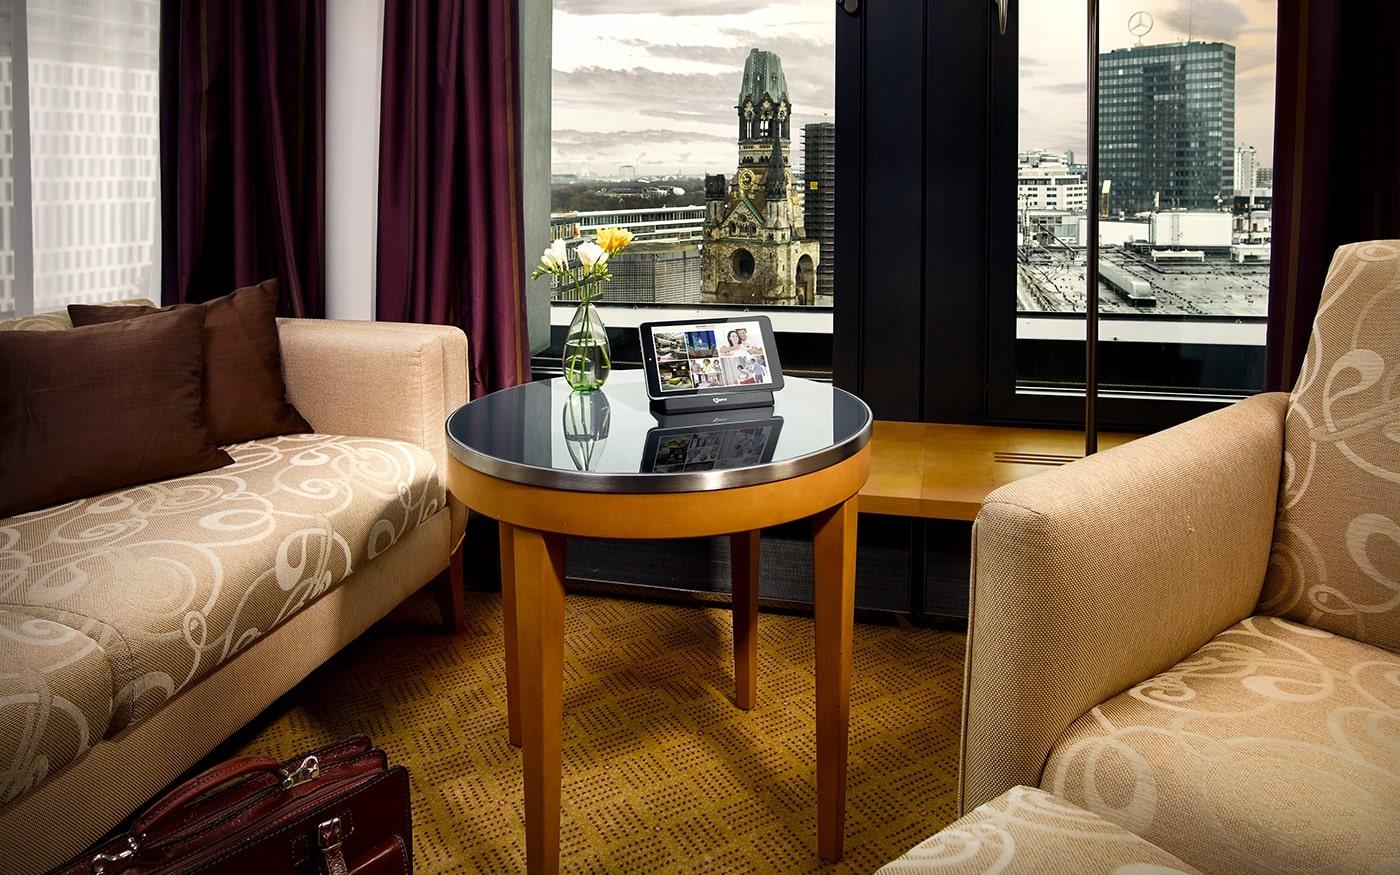 SuitePad öffnet neue Wege der Gästekommunikation während des Aufenthalts.